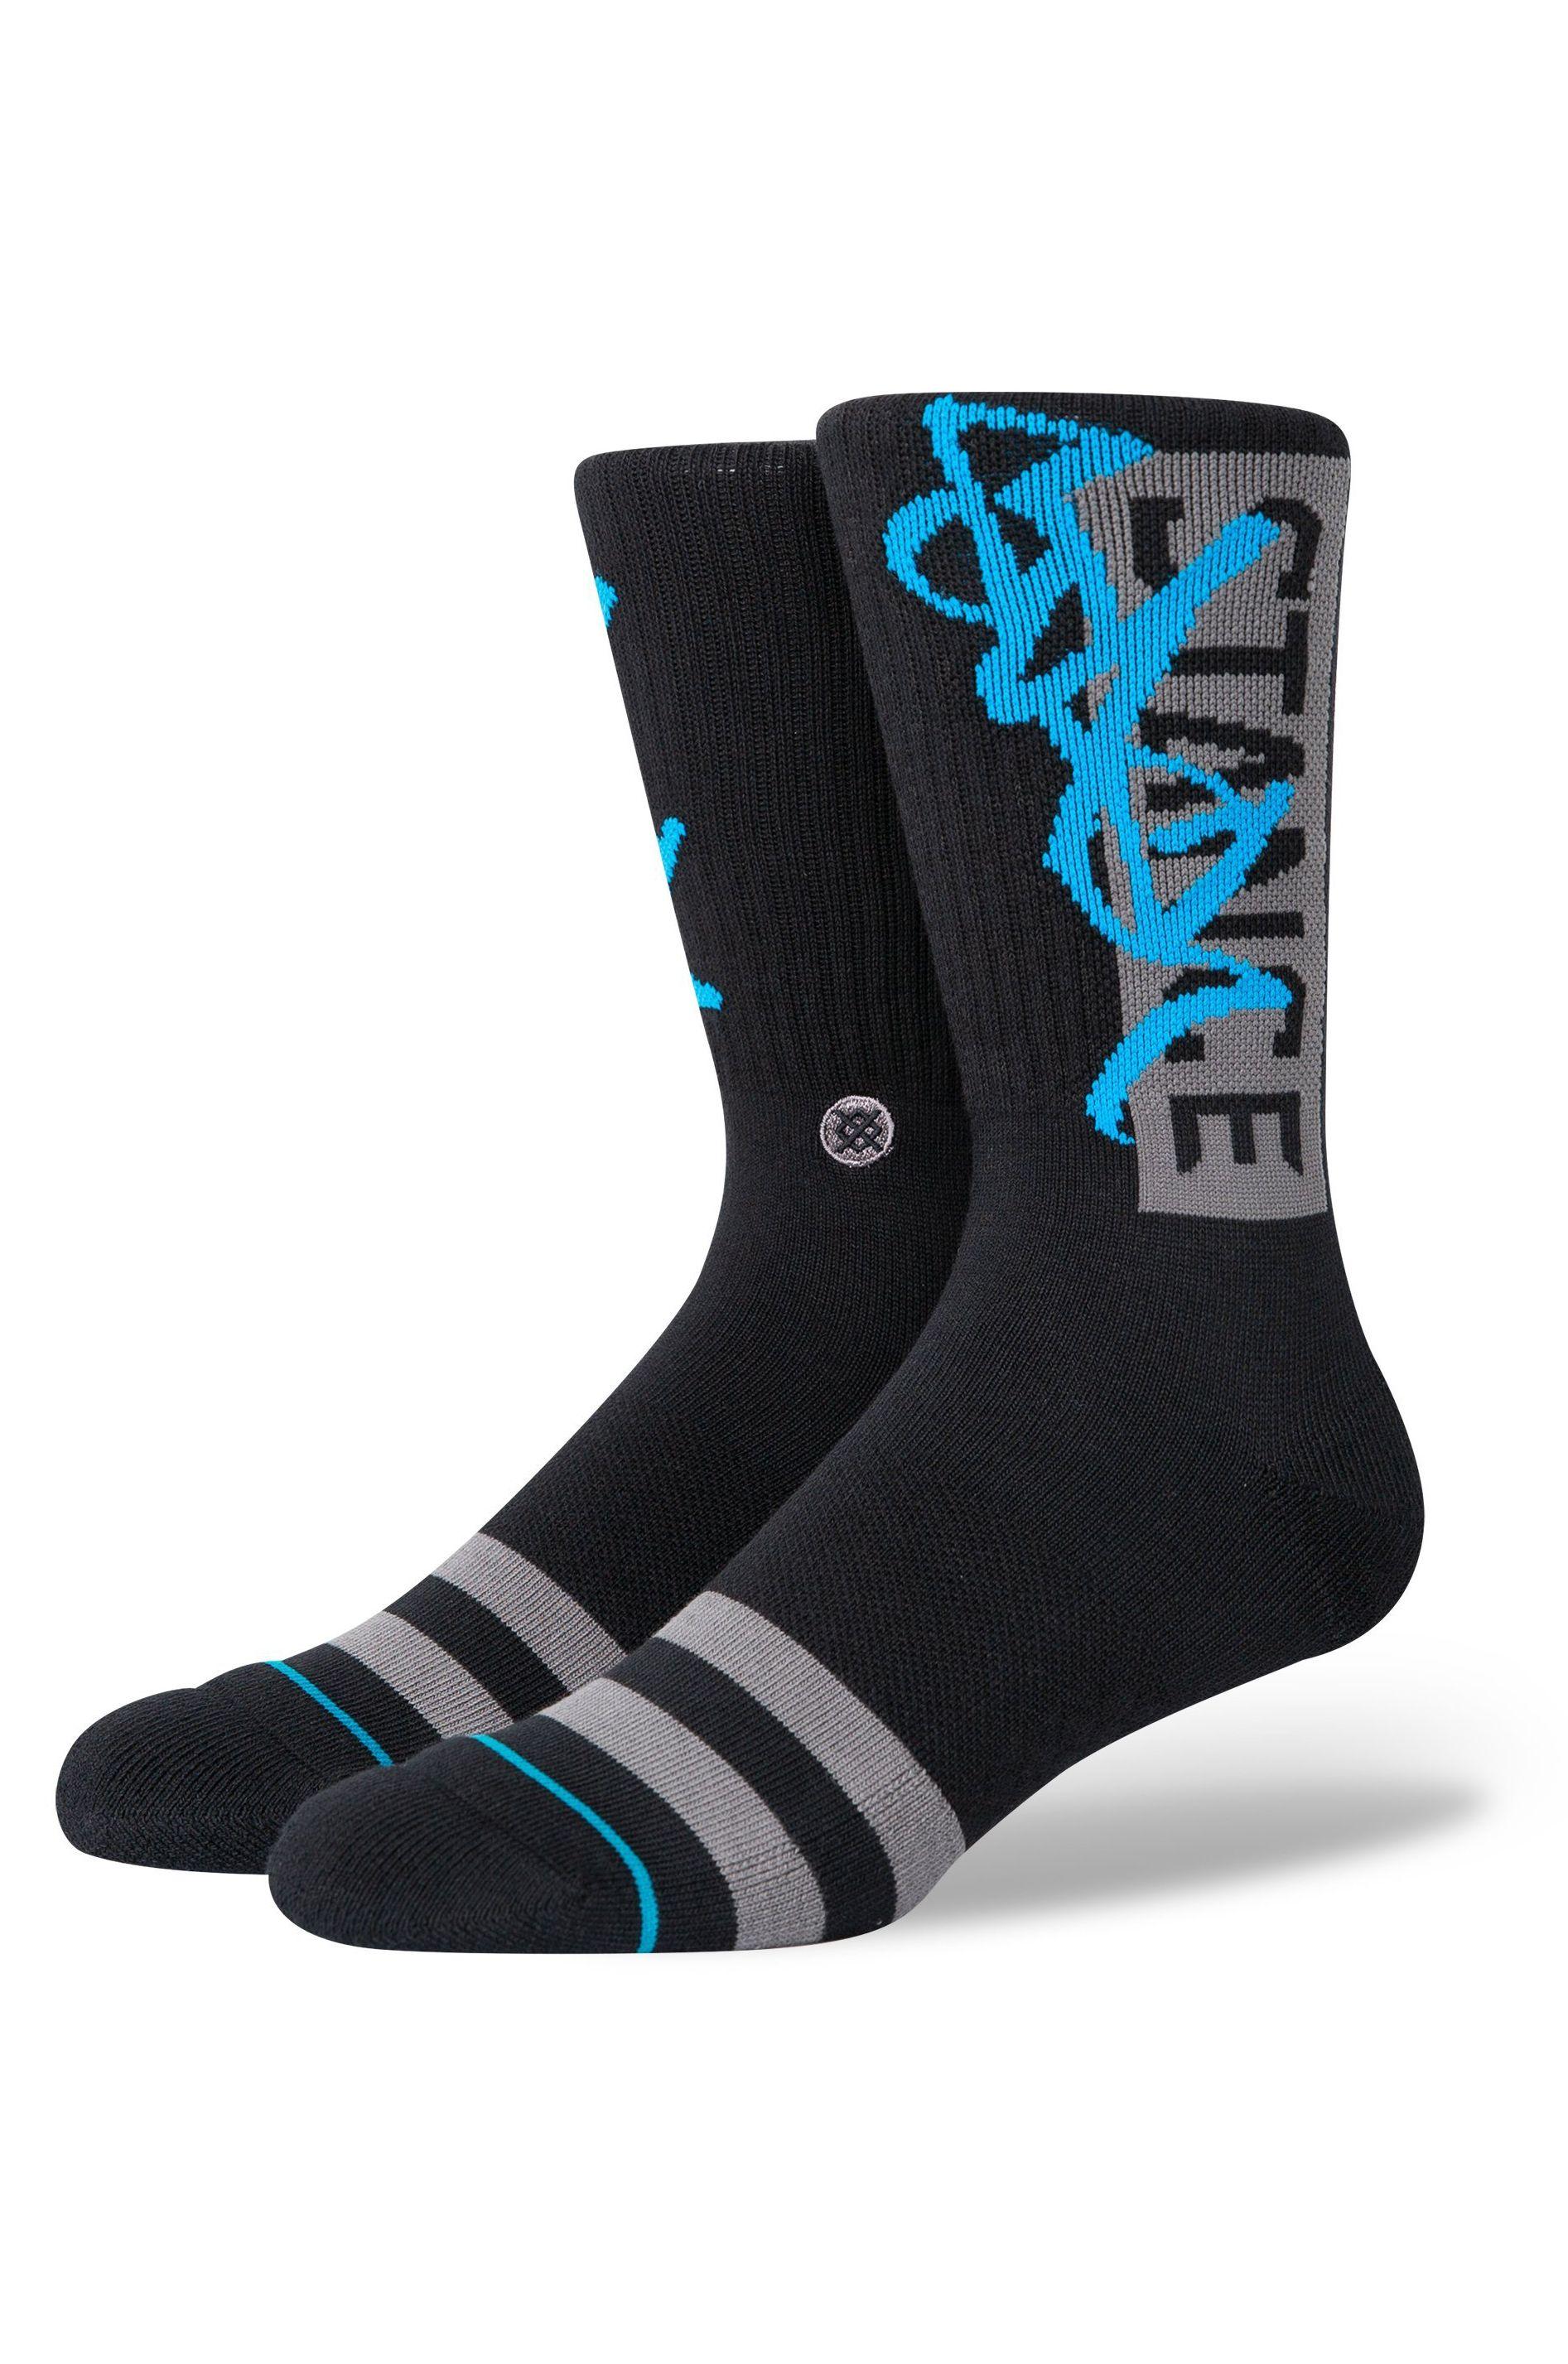 Stance Socks STASH OG Black